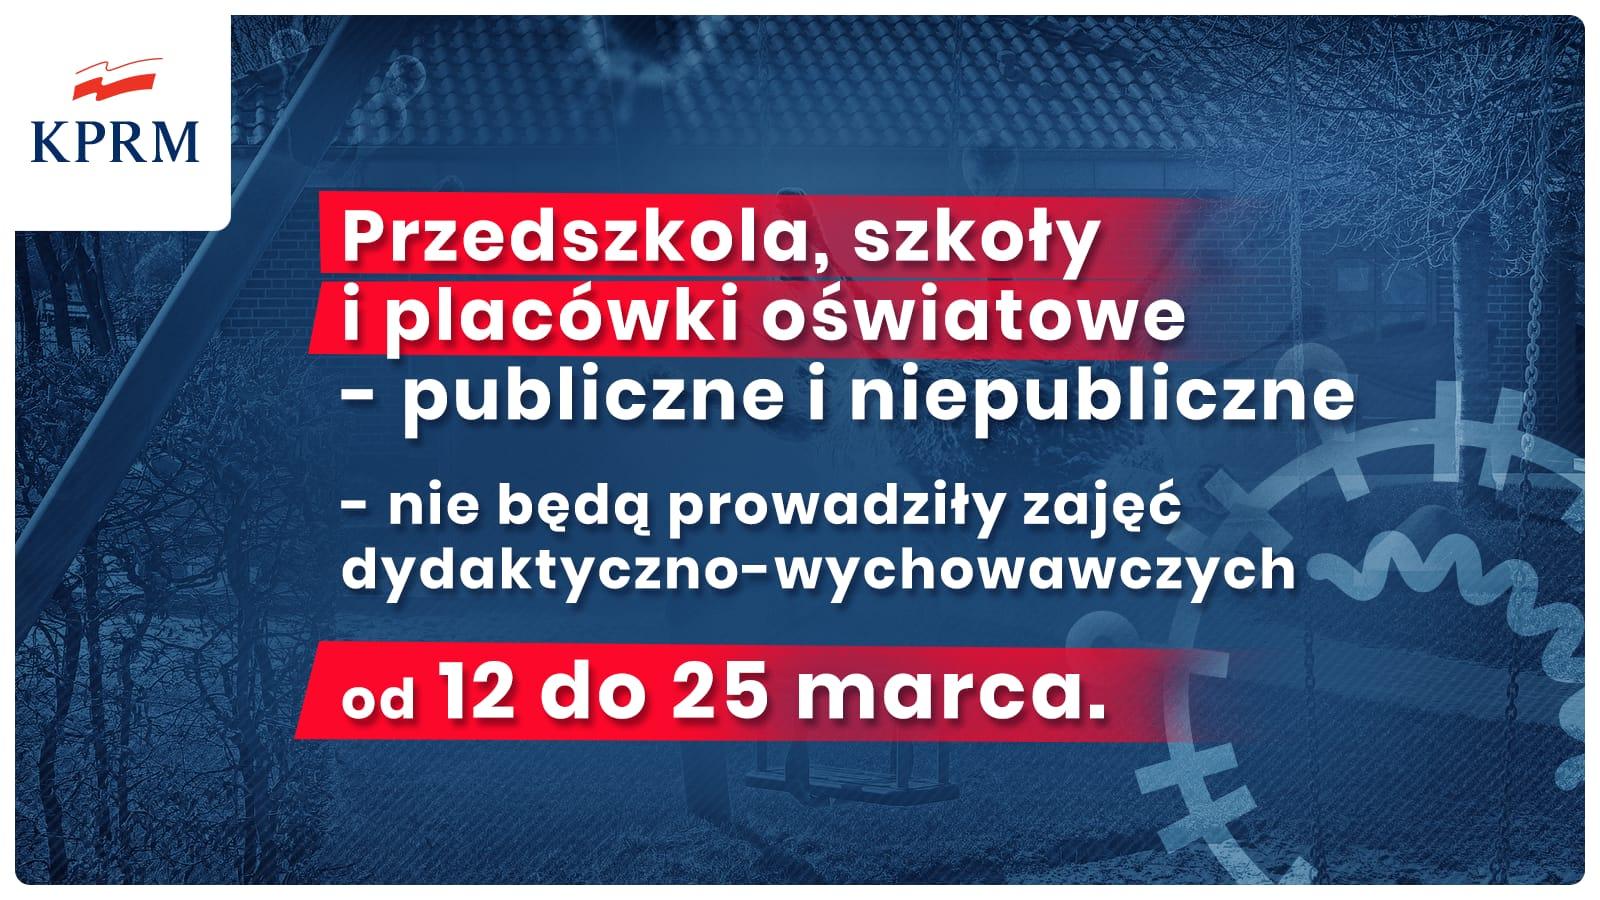 Zamknięcie szkół, przedszkoli, żłobków do 25 marca